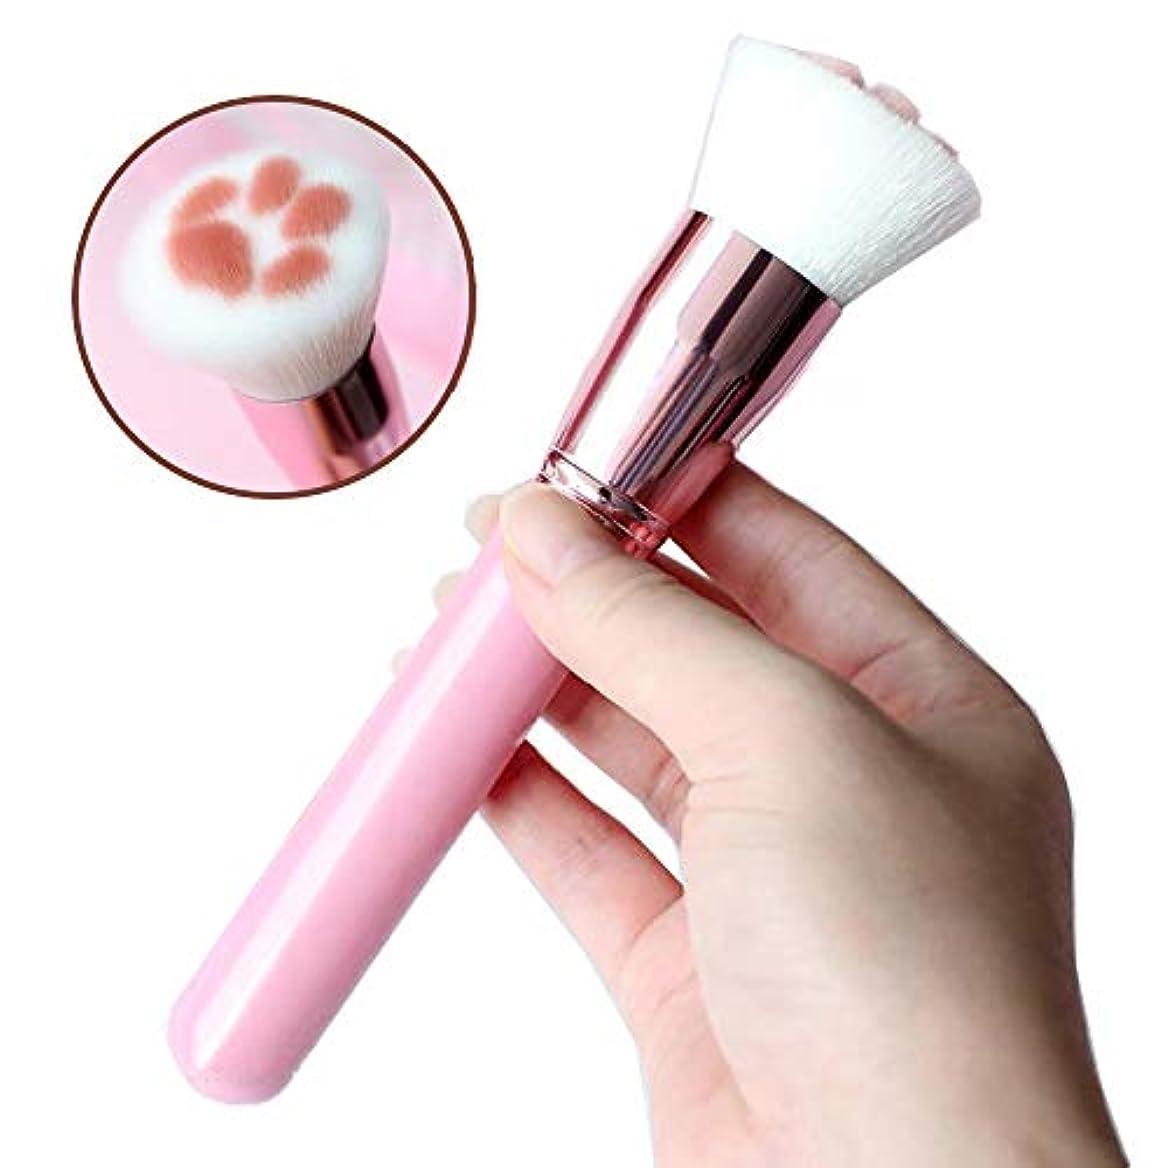 化粧筆 ファンデーションブラシ 高級繊維毛 メイクブラシ 超柔らかい 旅行 人気 可愛い 化粧ブラシ携帯用 (ピンク)